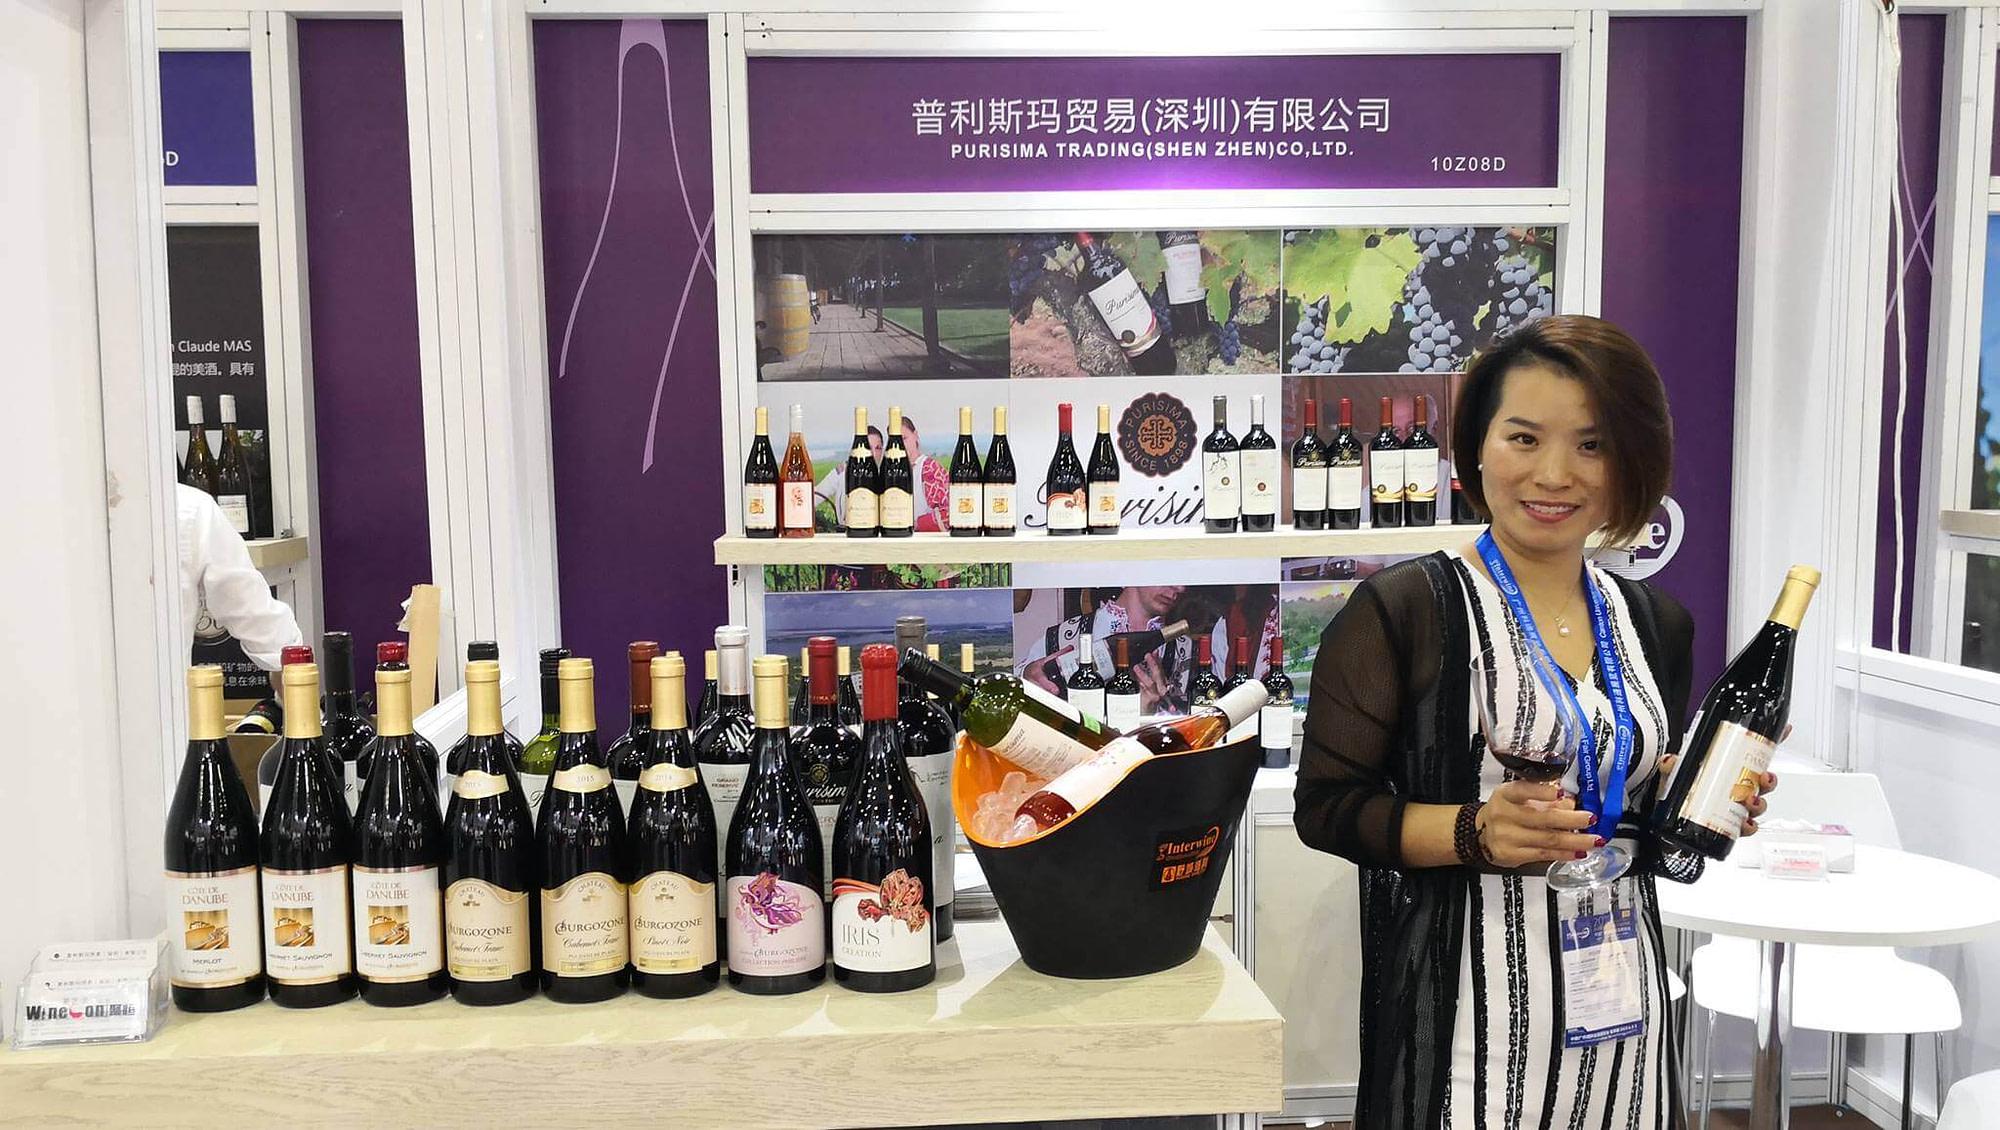 Китайски медии отразяват вината на Бургозоне на изложението Interwine China в Гуанджоу